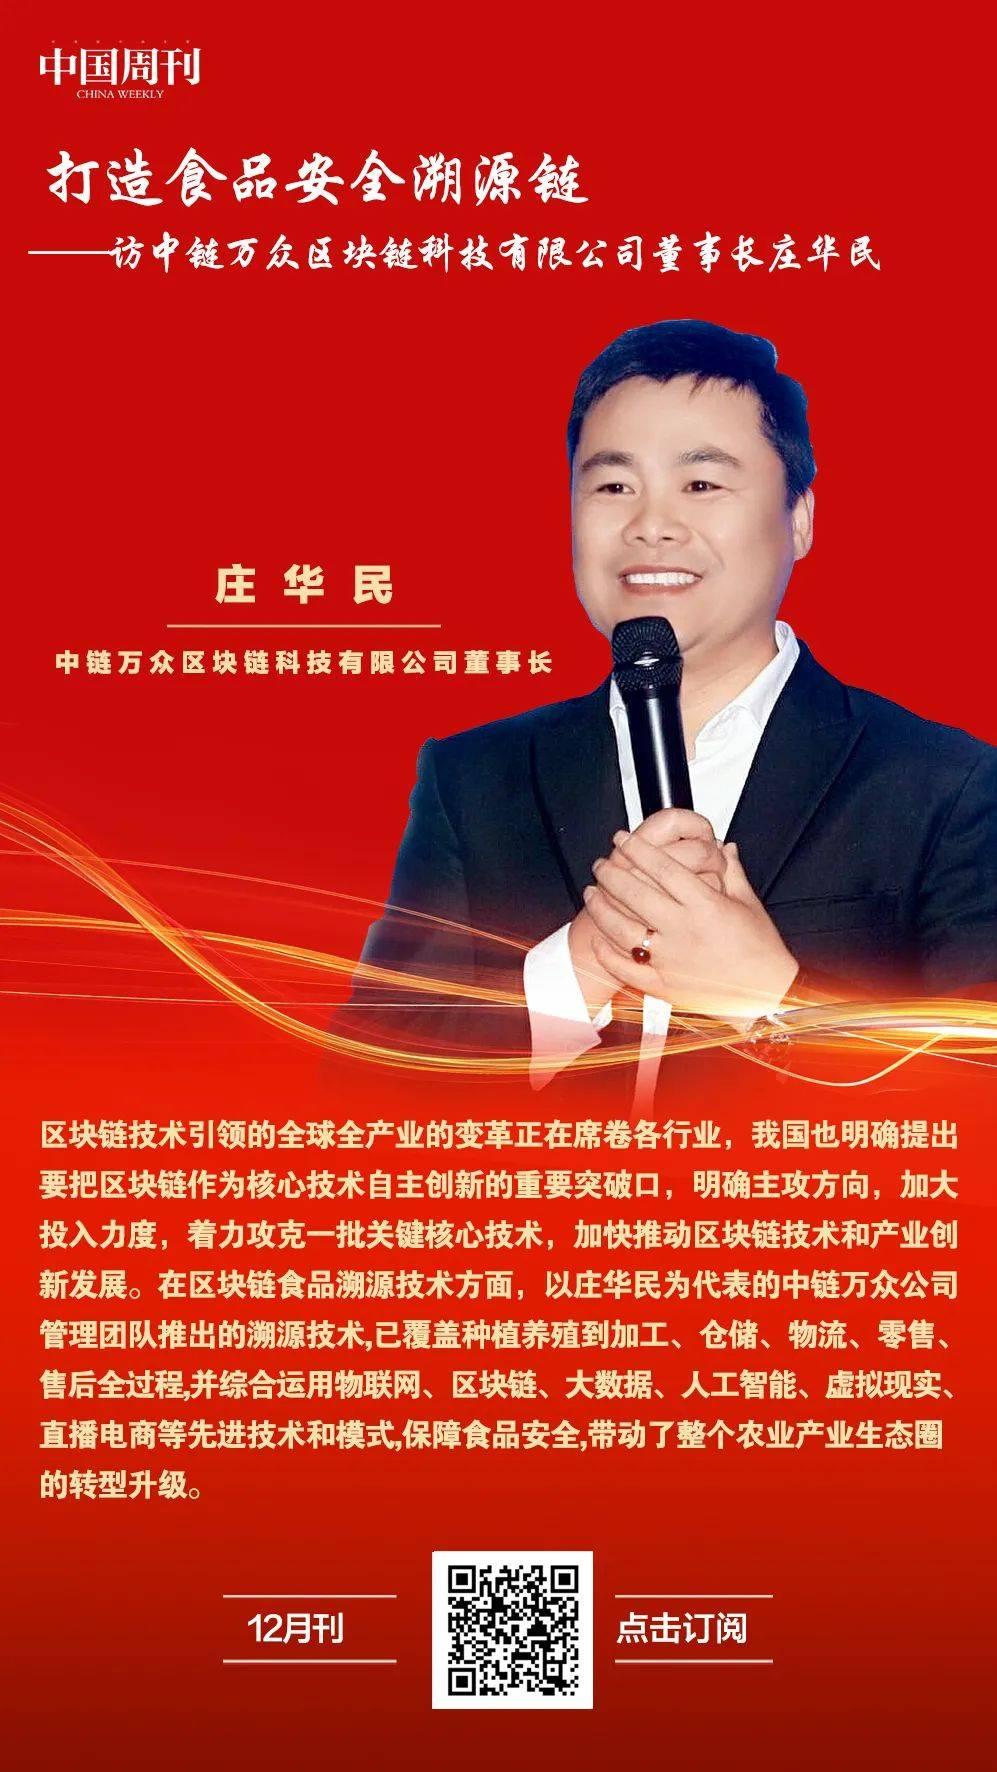 打造食品安全追溯链——访中国连锁万中区块链科技有限公司董事长庄华民